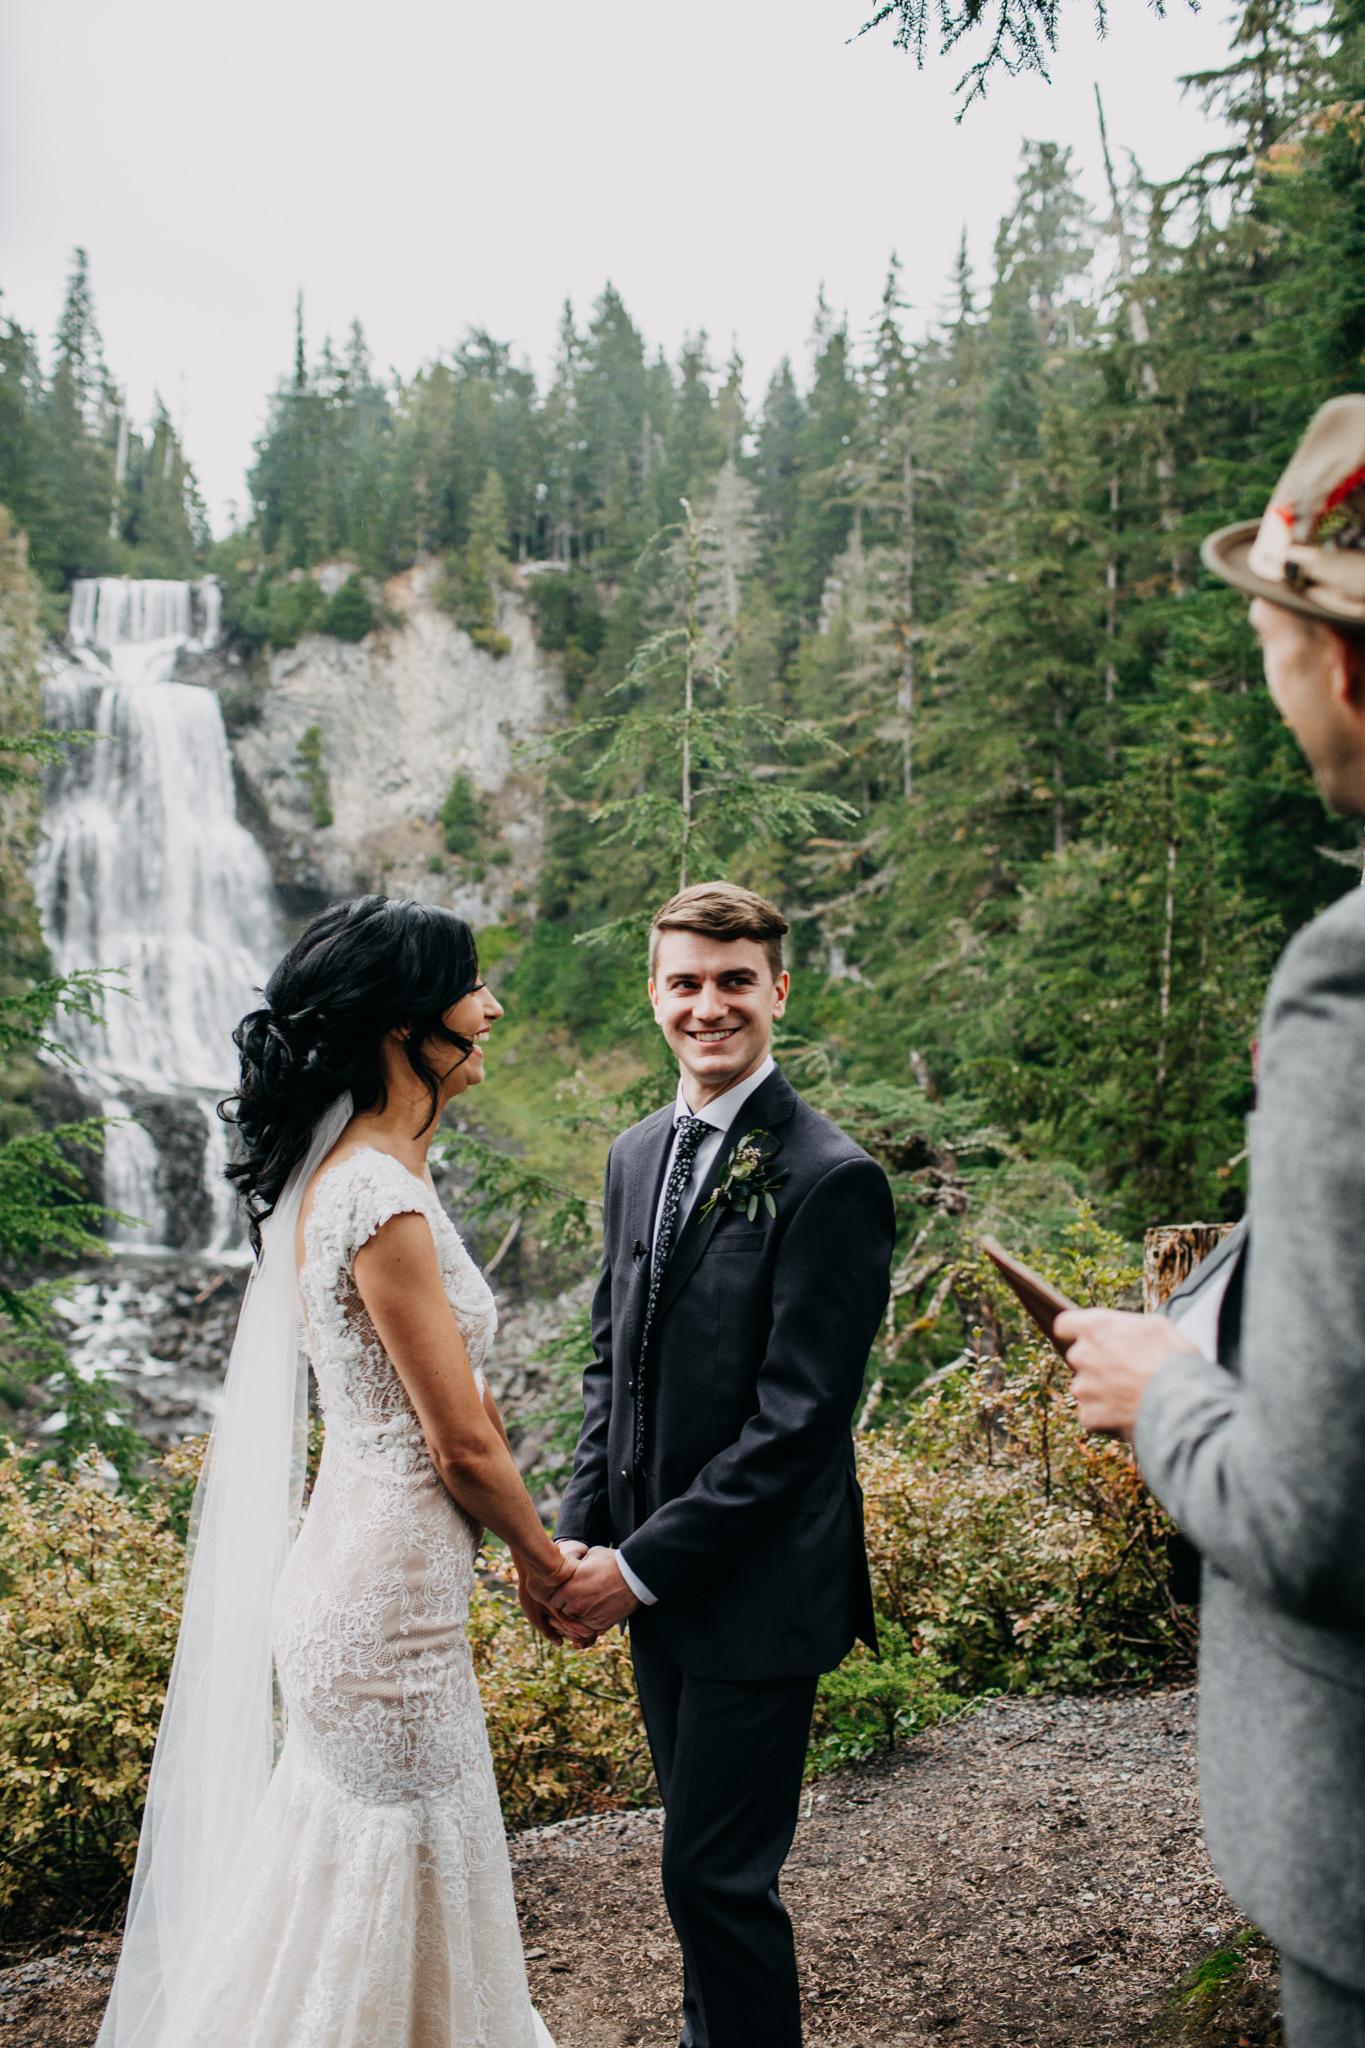 allison-linden-alexander-falls-nita-lake-whistler-elopement-web-205.jpg